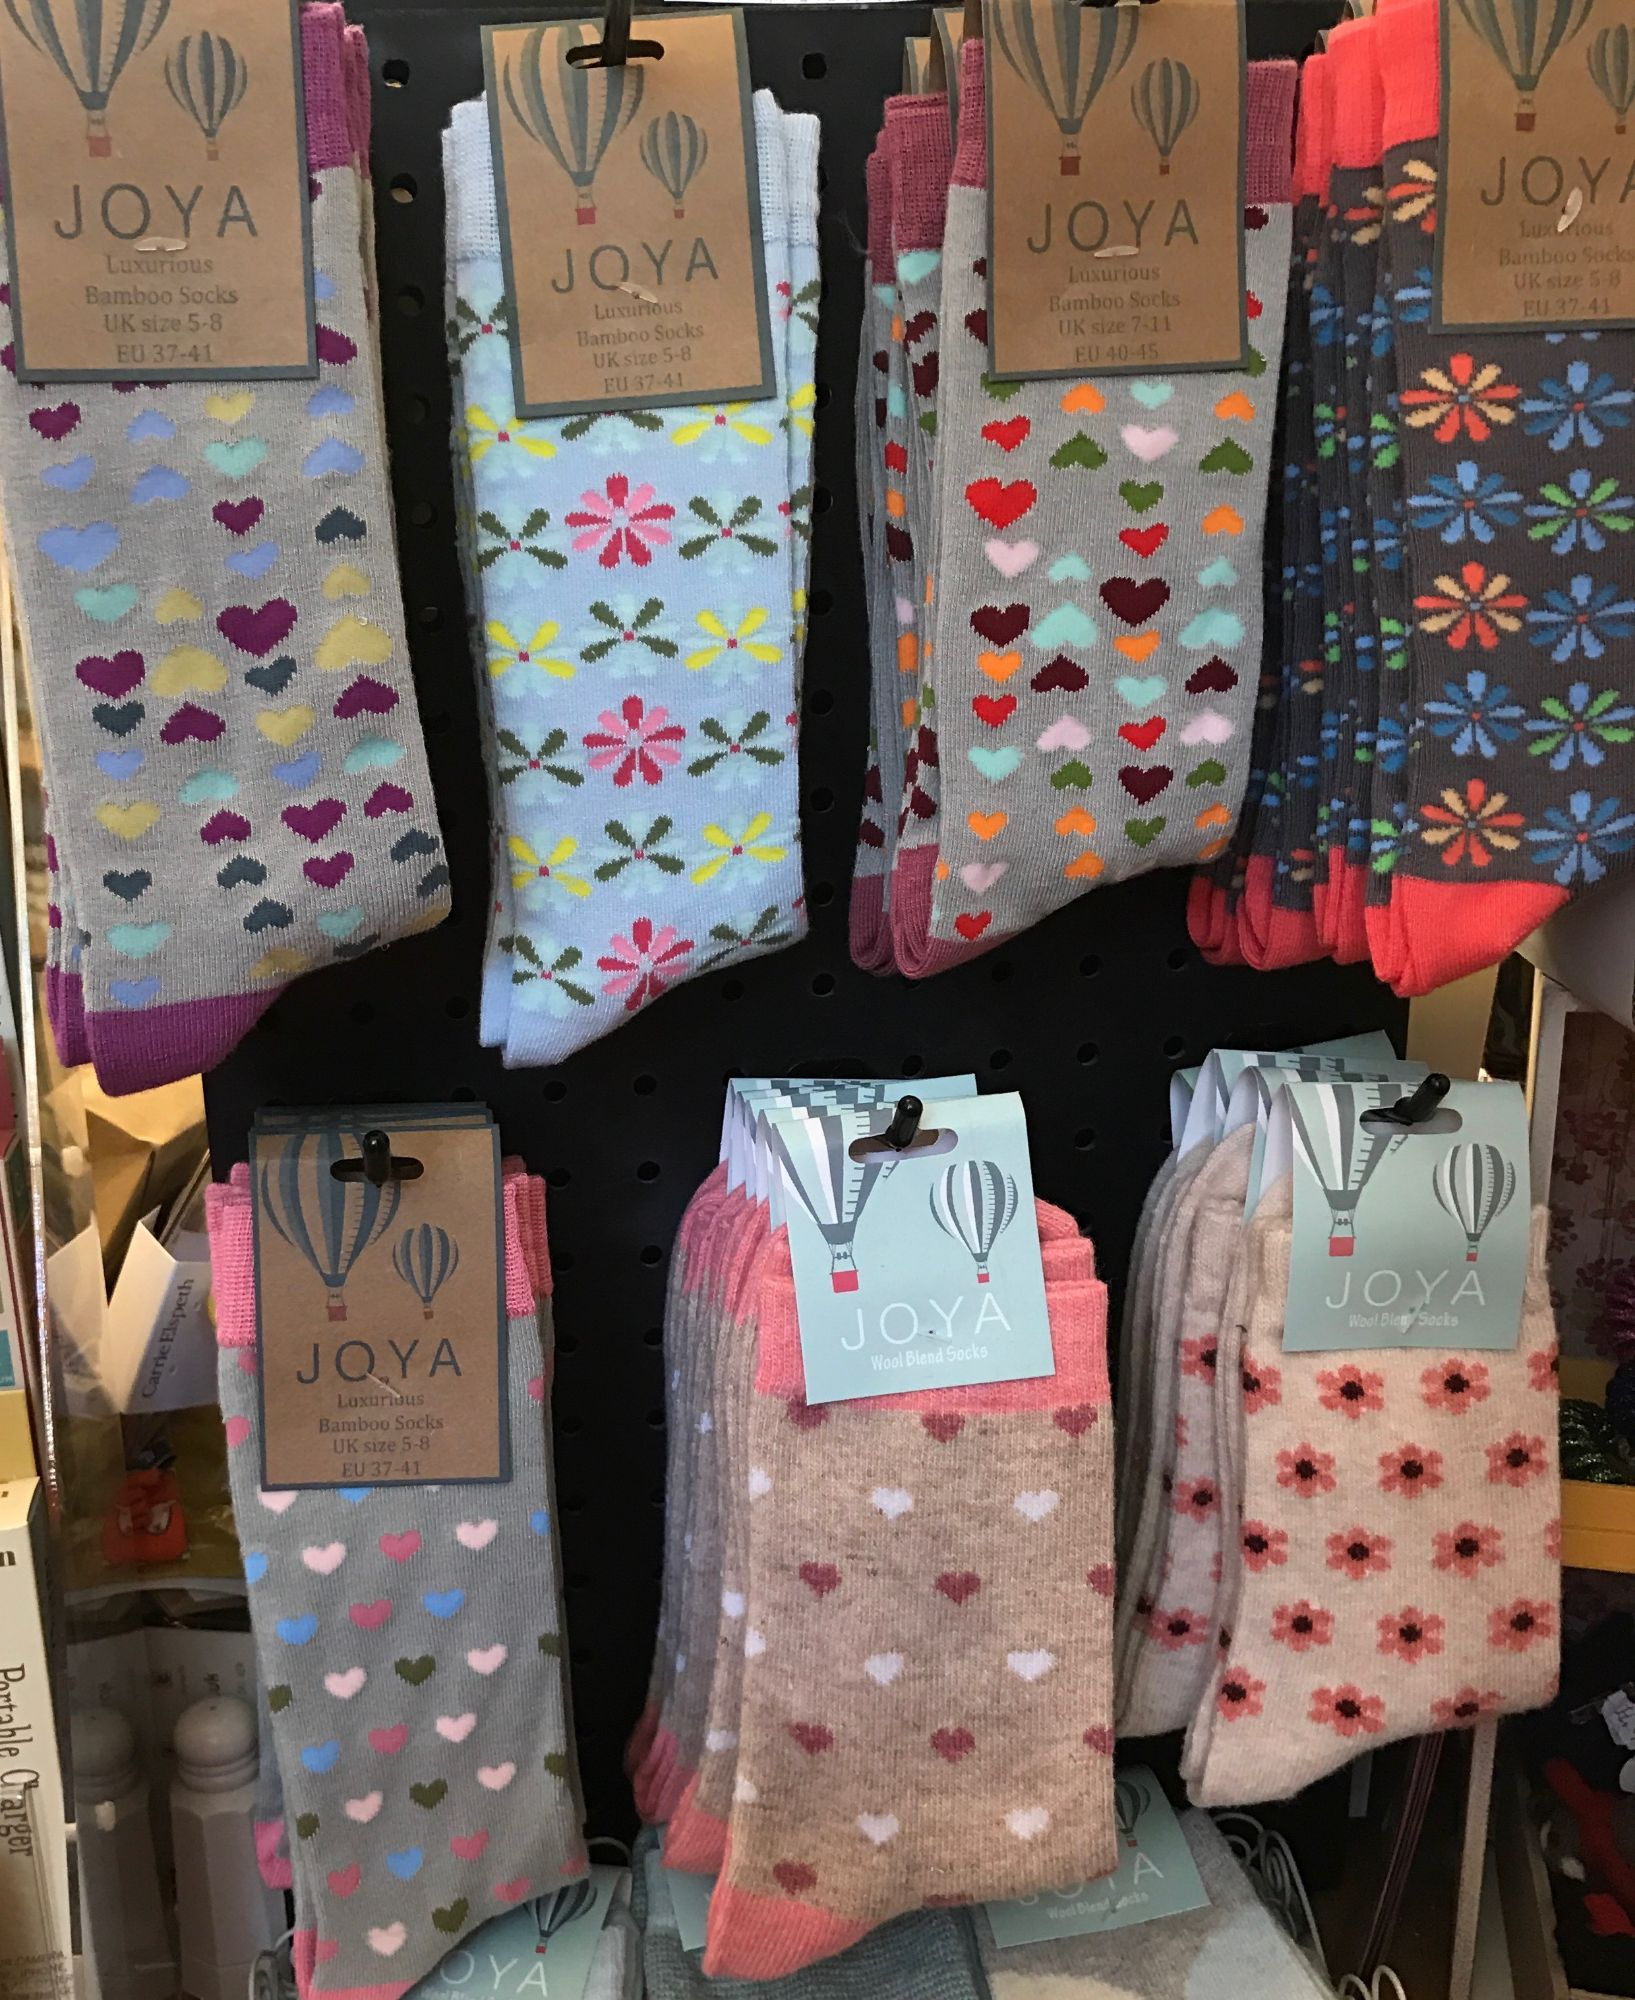 Joya socks - bamboo or wool